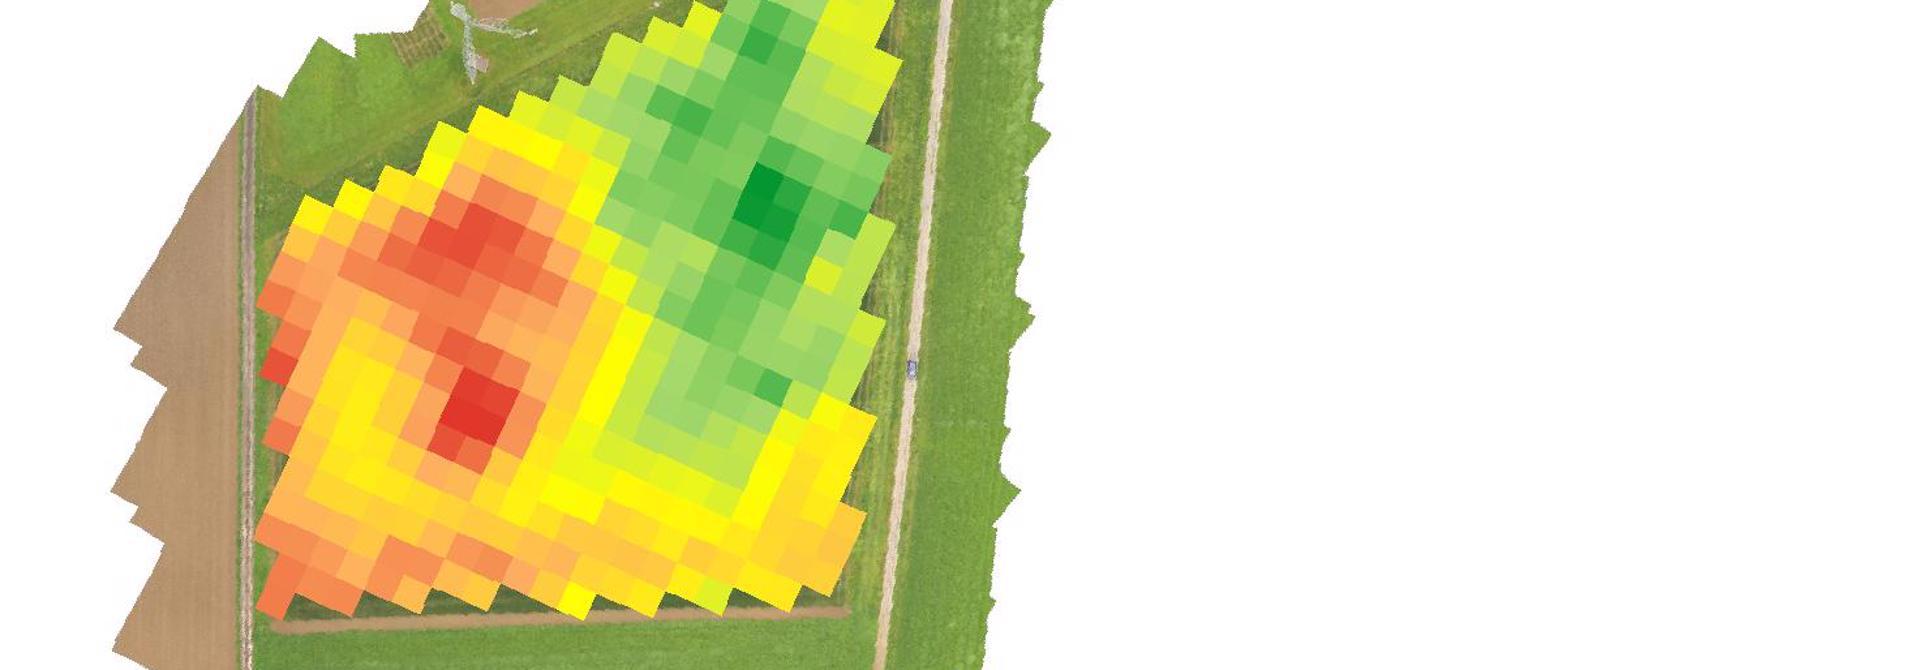 Vegetationsindex aufgrund von Bildern des Sentinel-2 Satelliten berechnet. >